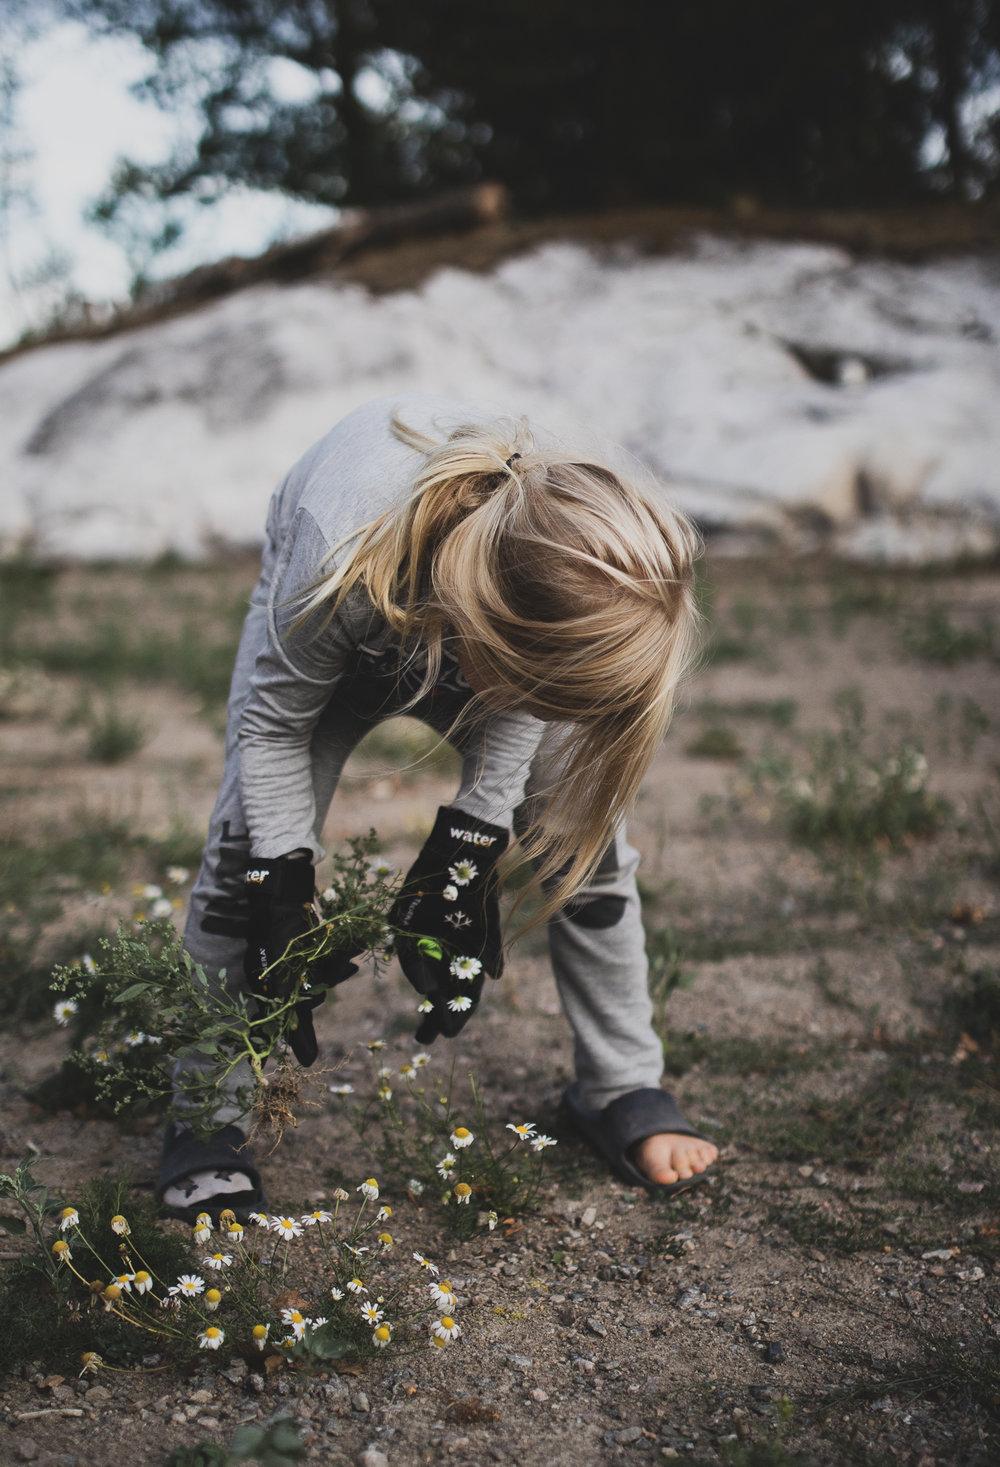 I och med bevattningsförbudet blev det ingen gräsmatta, den frästa jorden har istället invaderats av nåt prästkragsiknande ogräs som tack och lov barnen gillar att rycka.